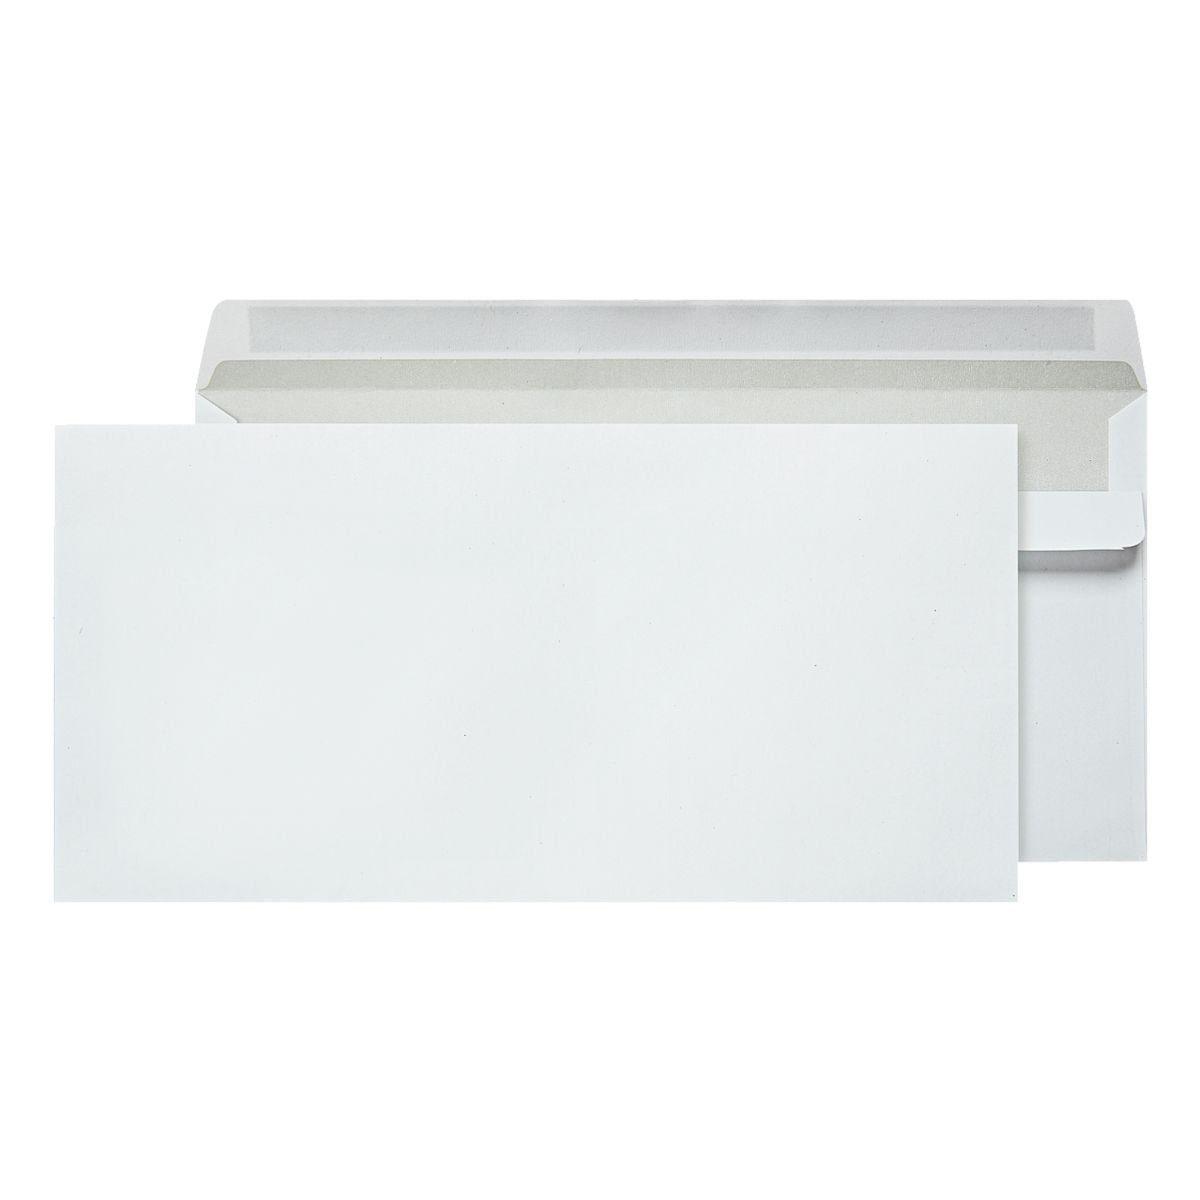 OTTOOFFICE STANDARD Briefumschläge DL ohne Fenster mit Selbstklebung